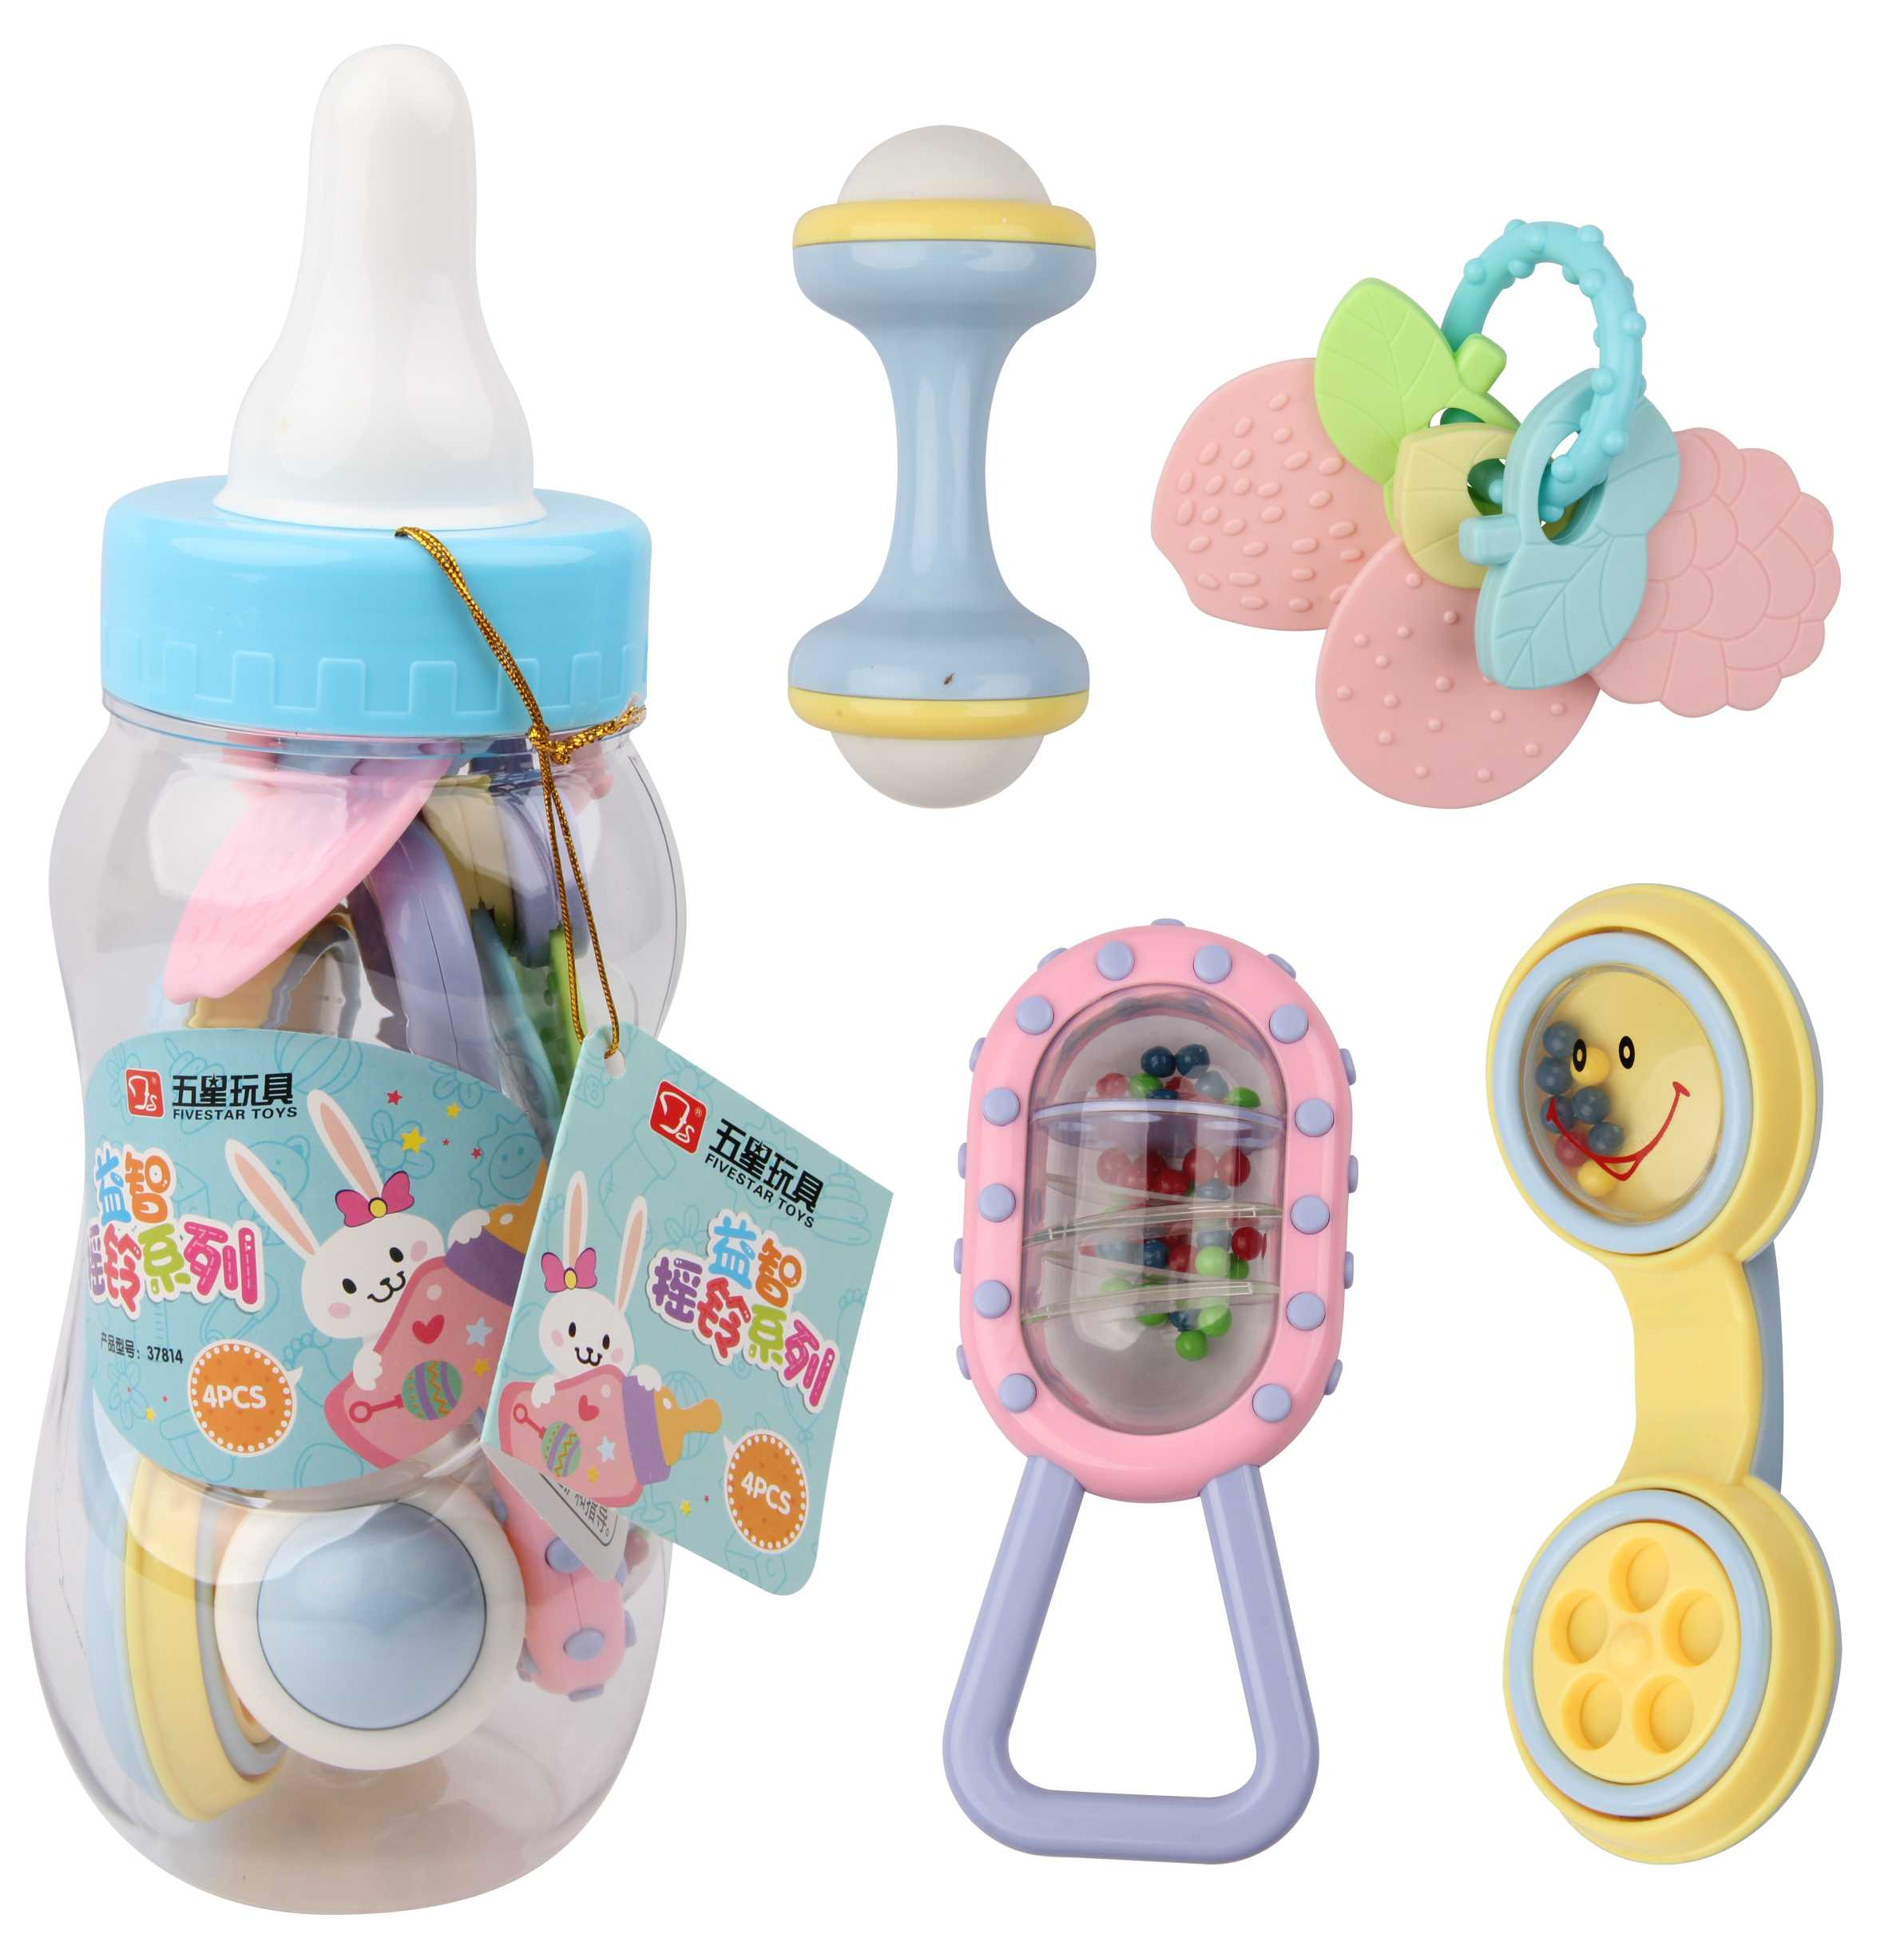 婴儿小奶瓶摇铃4件套